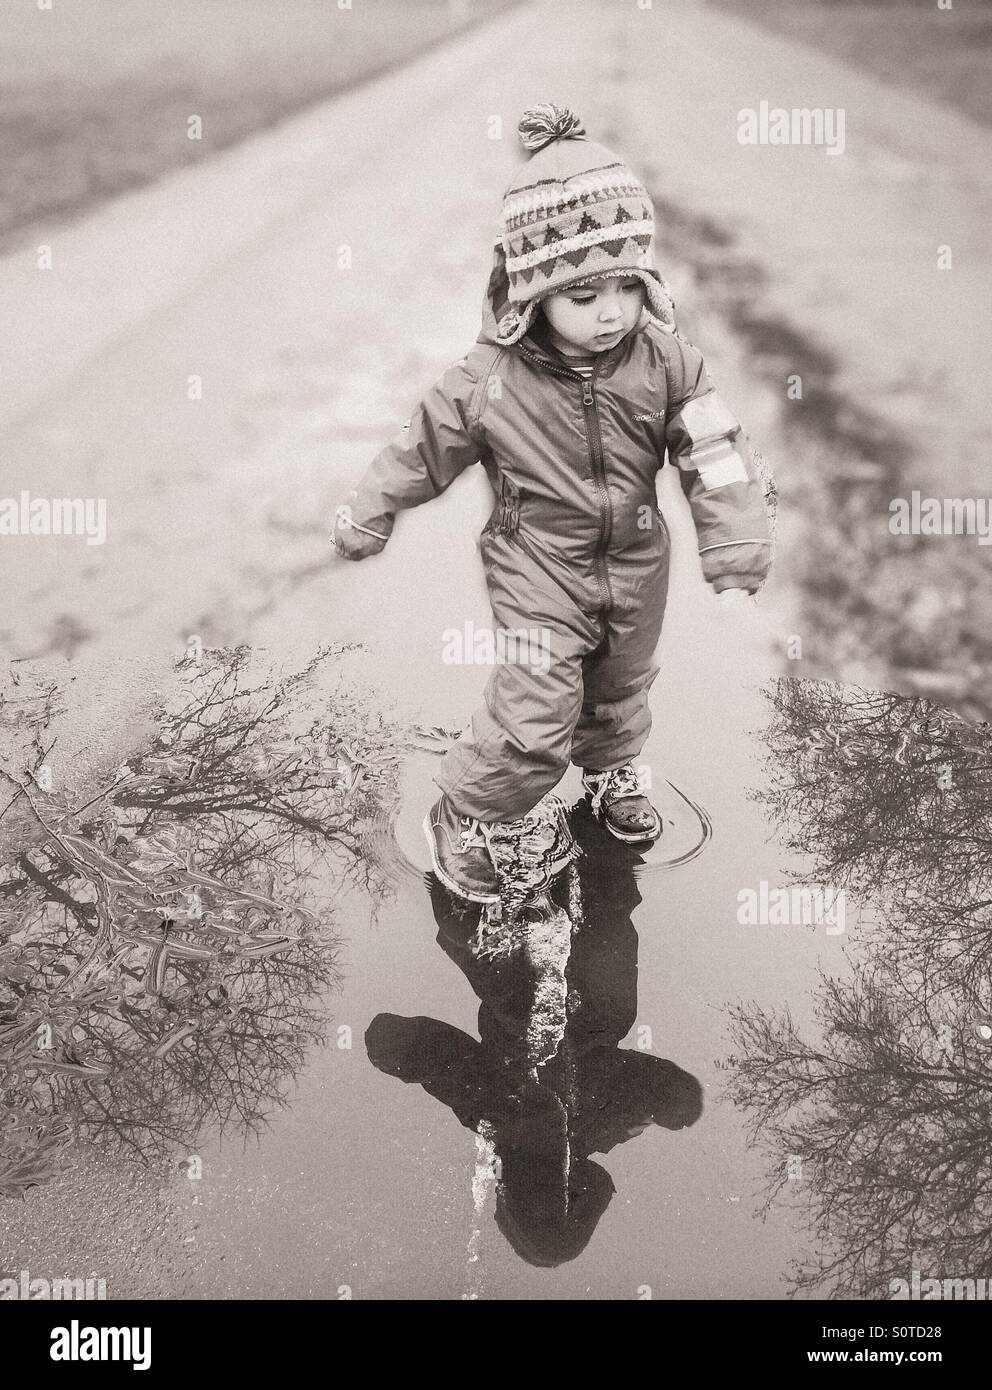 Chico bailando en la lluvia Imagen De Stock